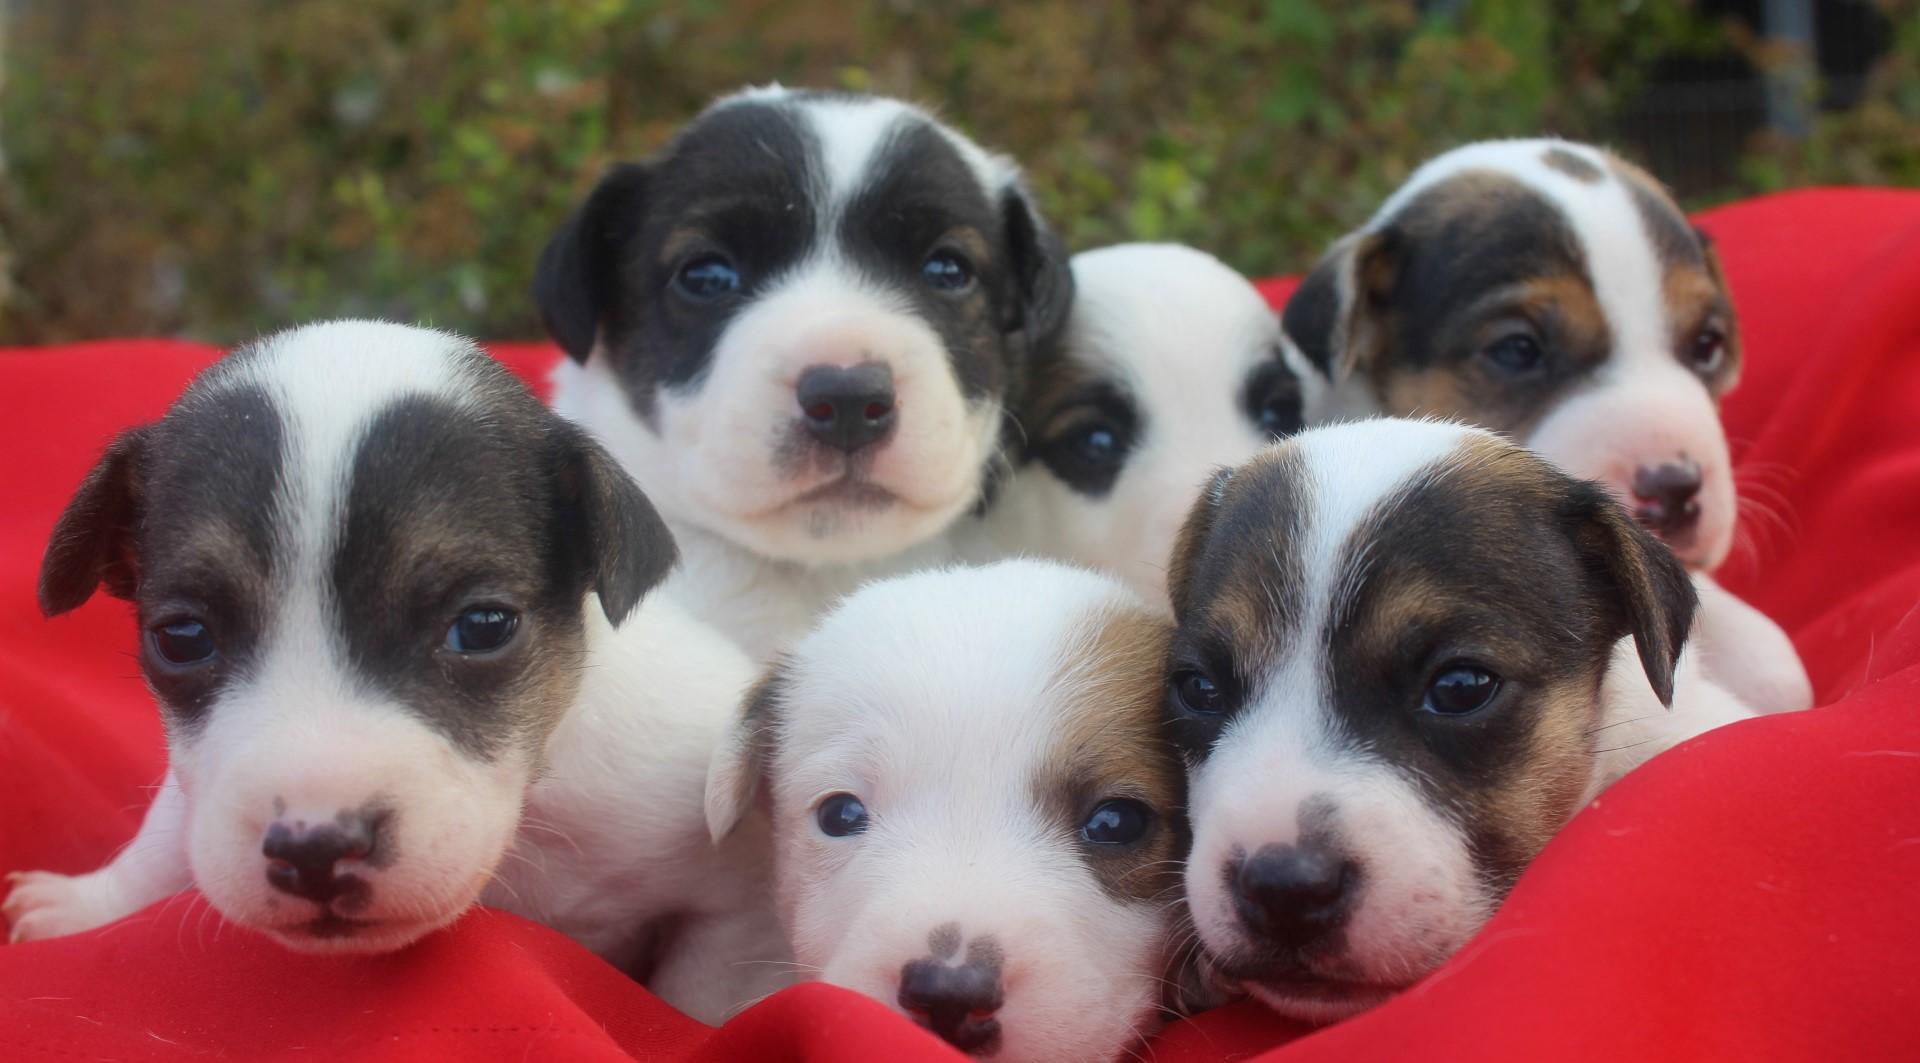 Chiot Jack russell terrier : 4  mâles - femelles 2 235665